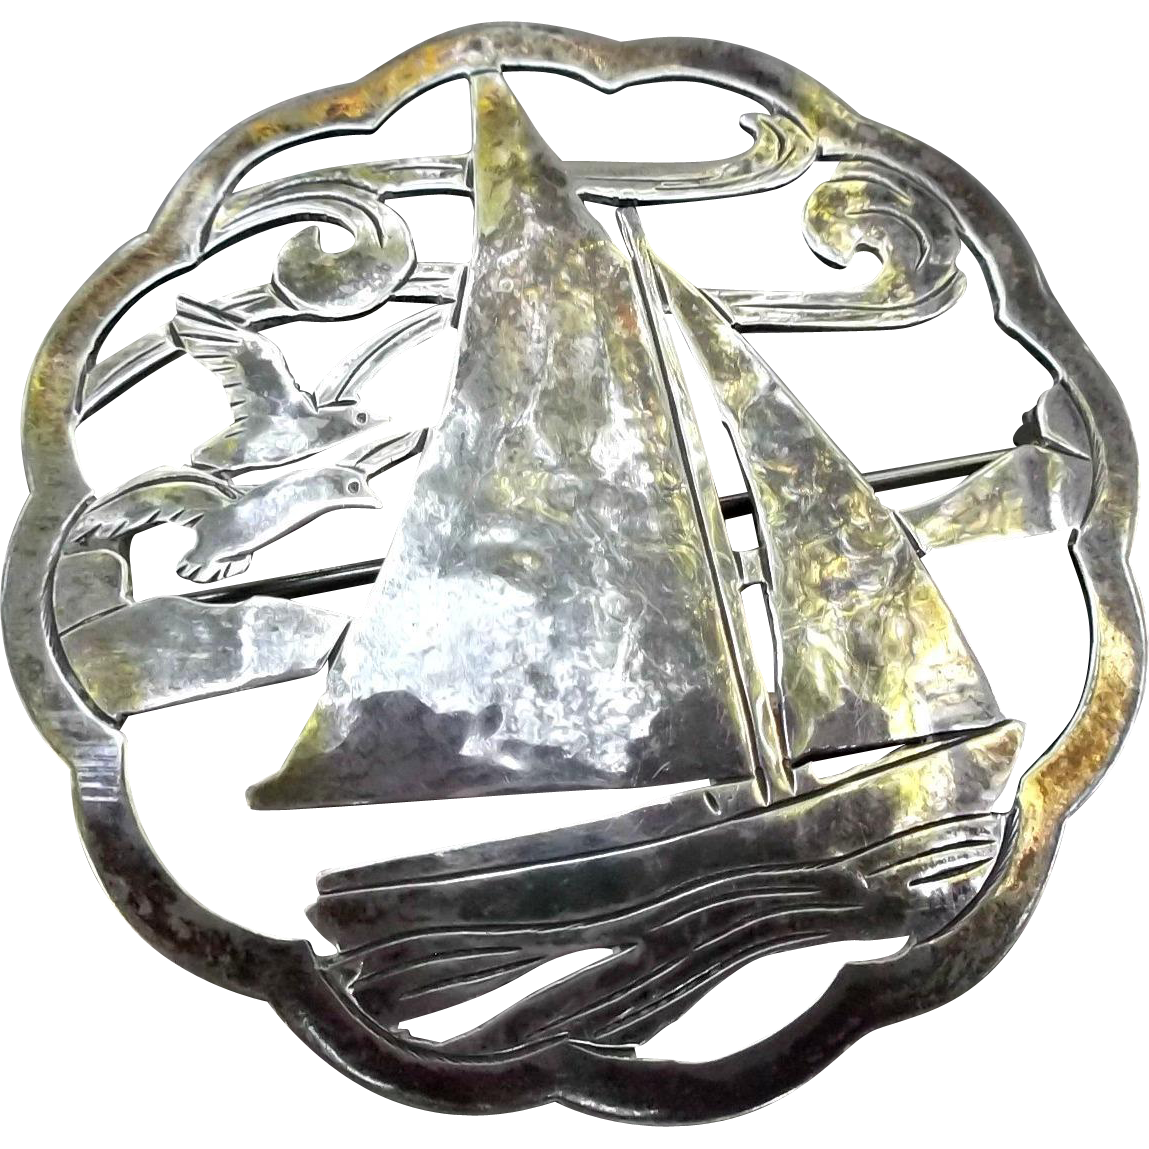 Stavre Gregor Panis Sterling Brooch Pin Vintage Arts Crafts Sailboat Seagulls